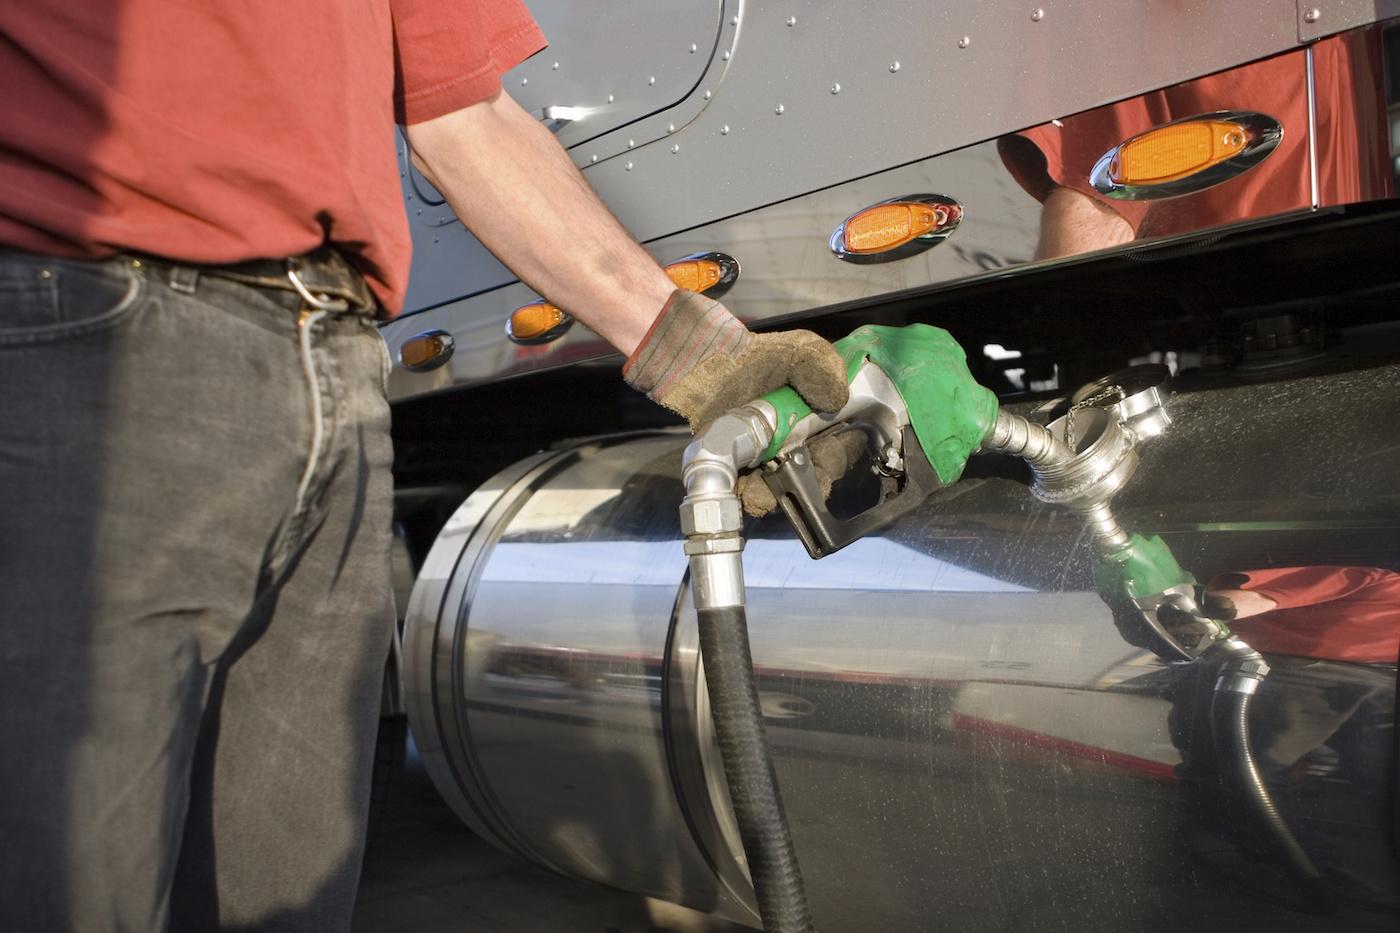 Как сделать дизельное топливо ту 142